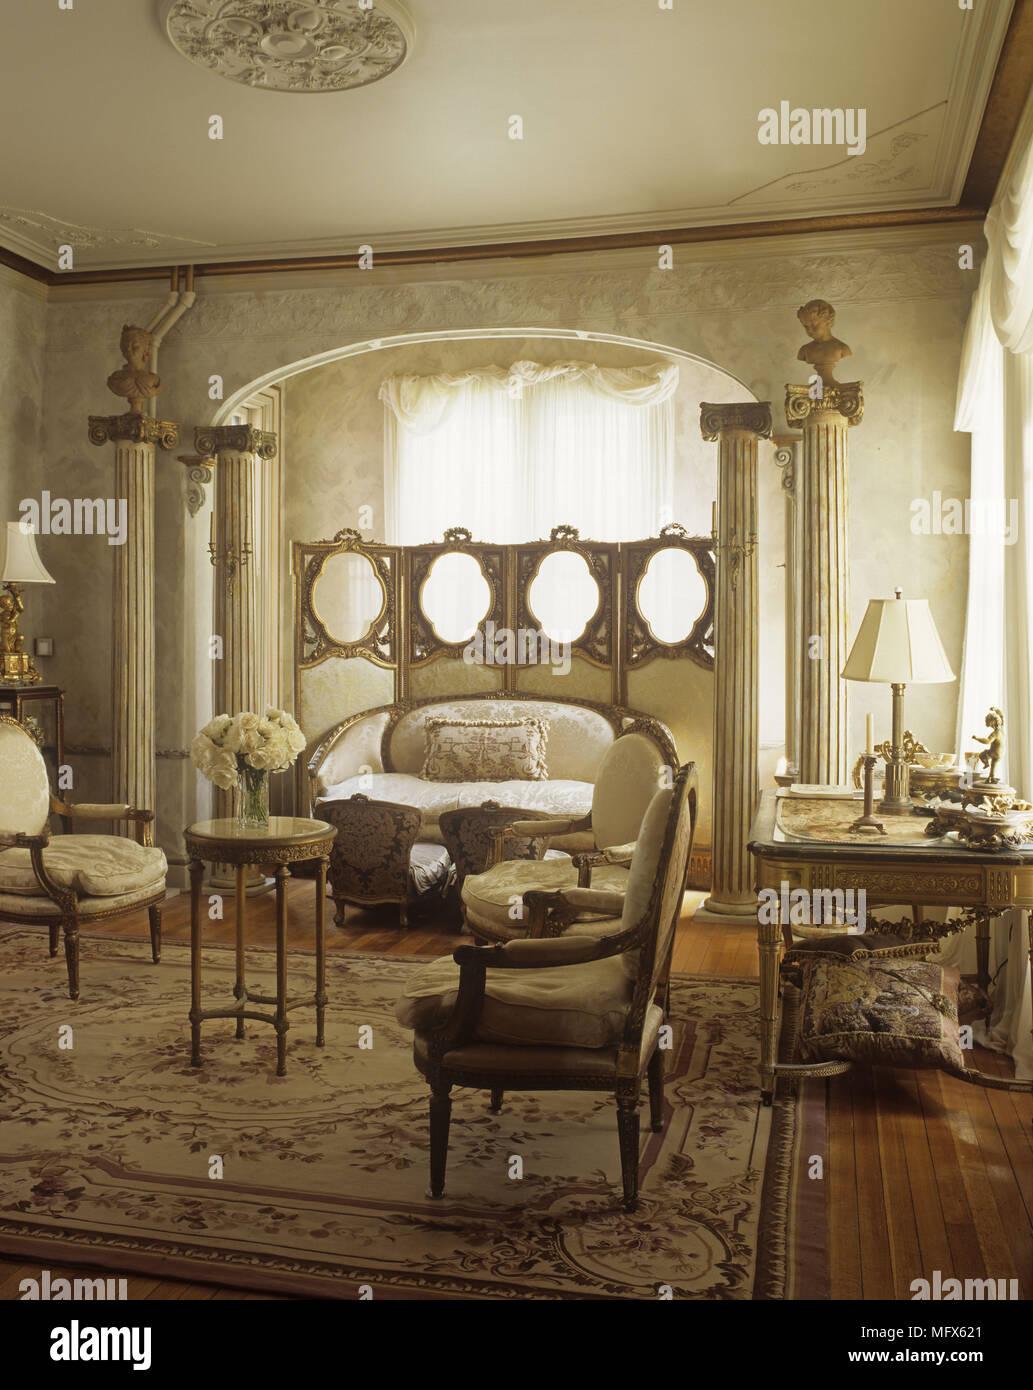 Un salon traditionnel avec un thème de style classique ...